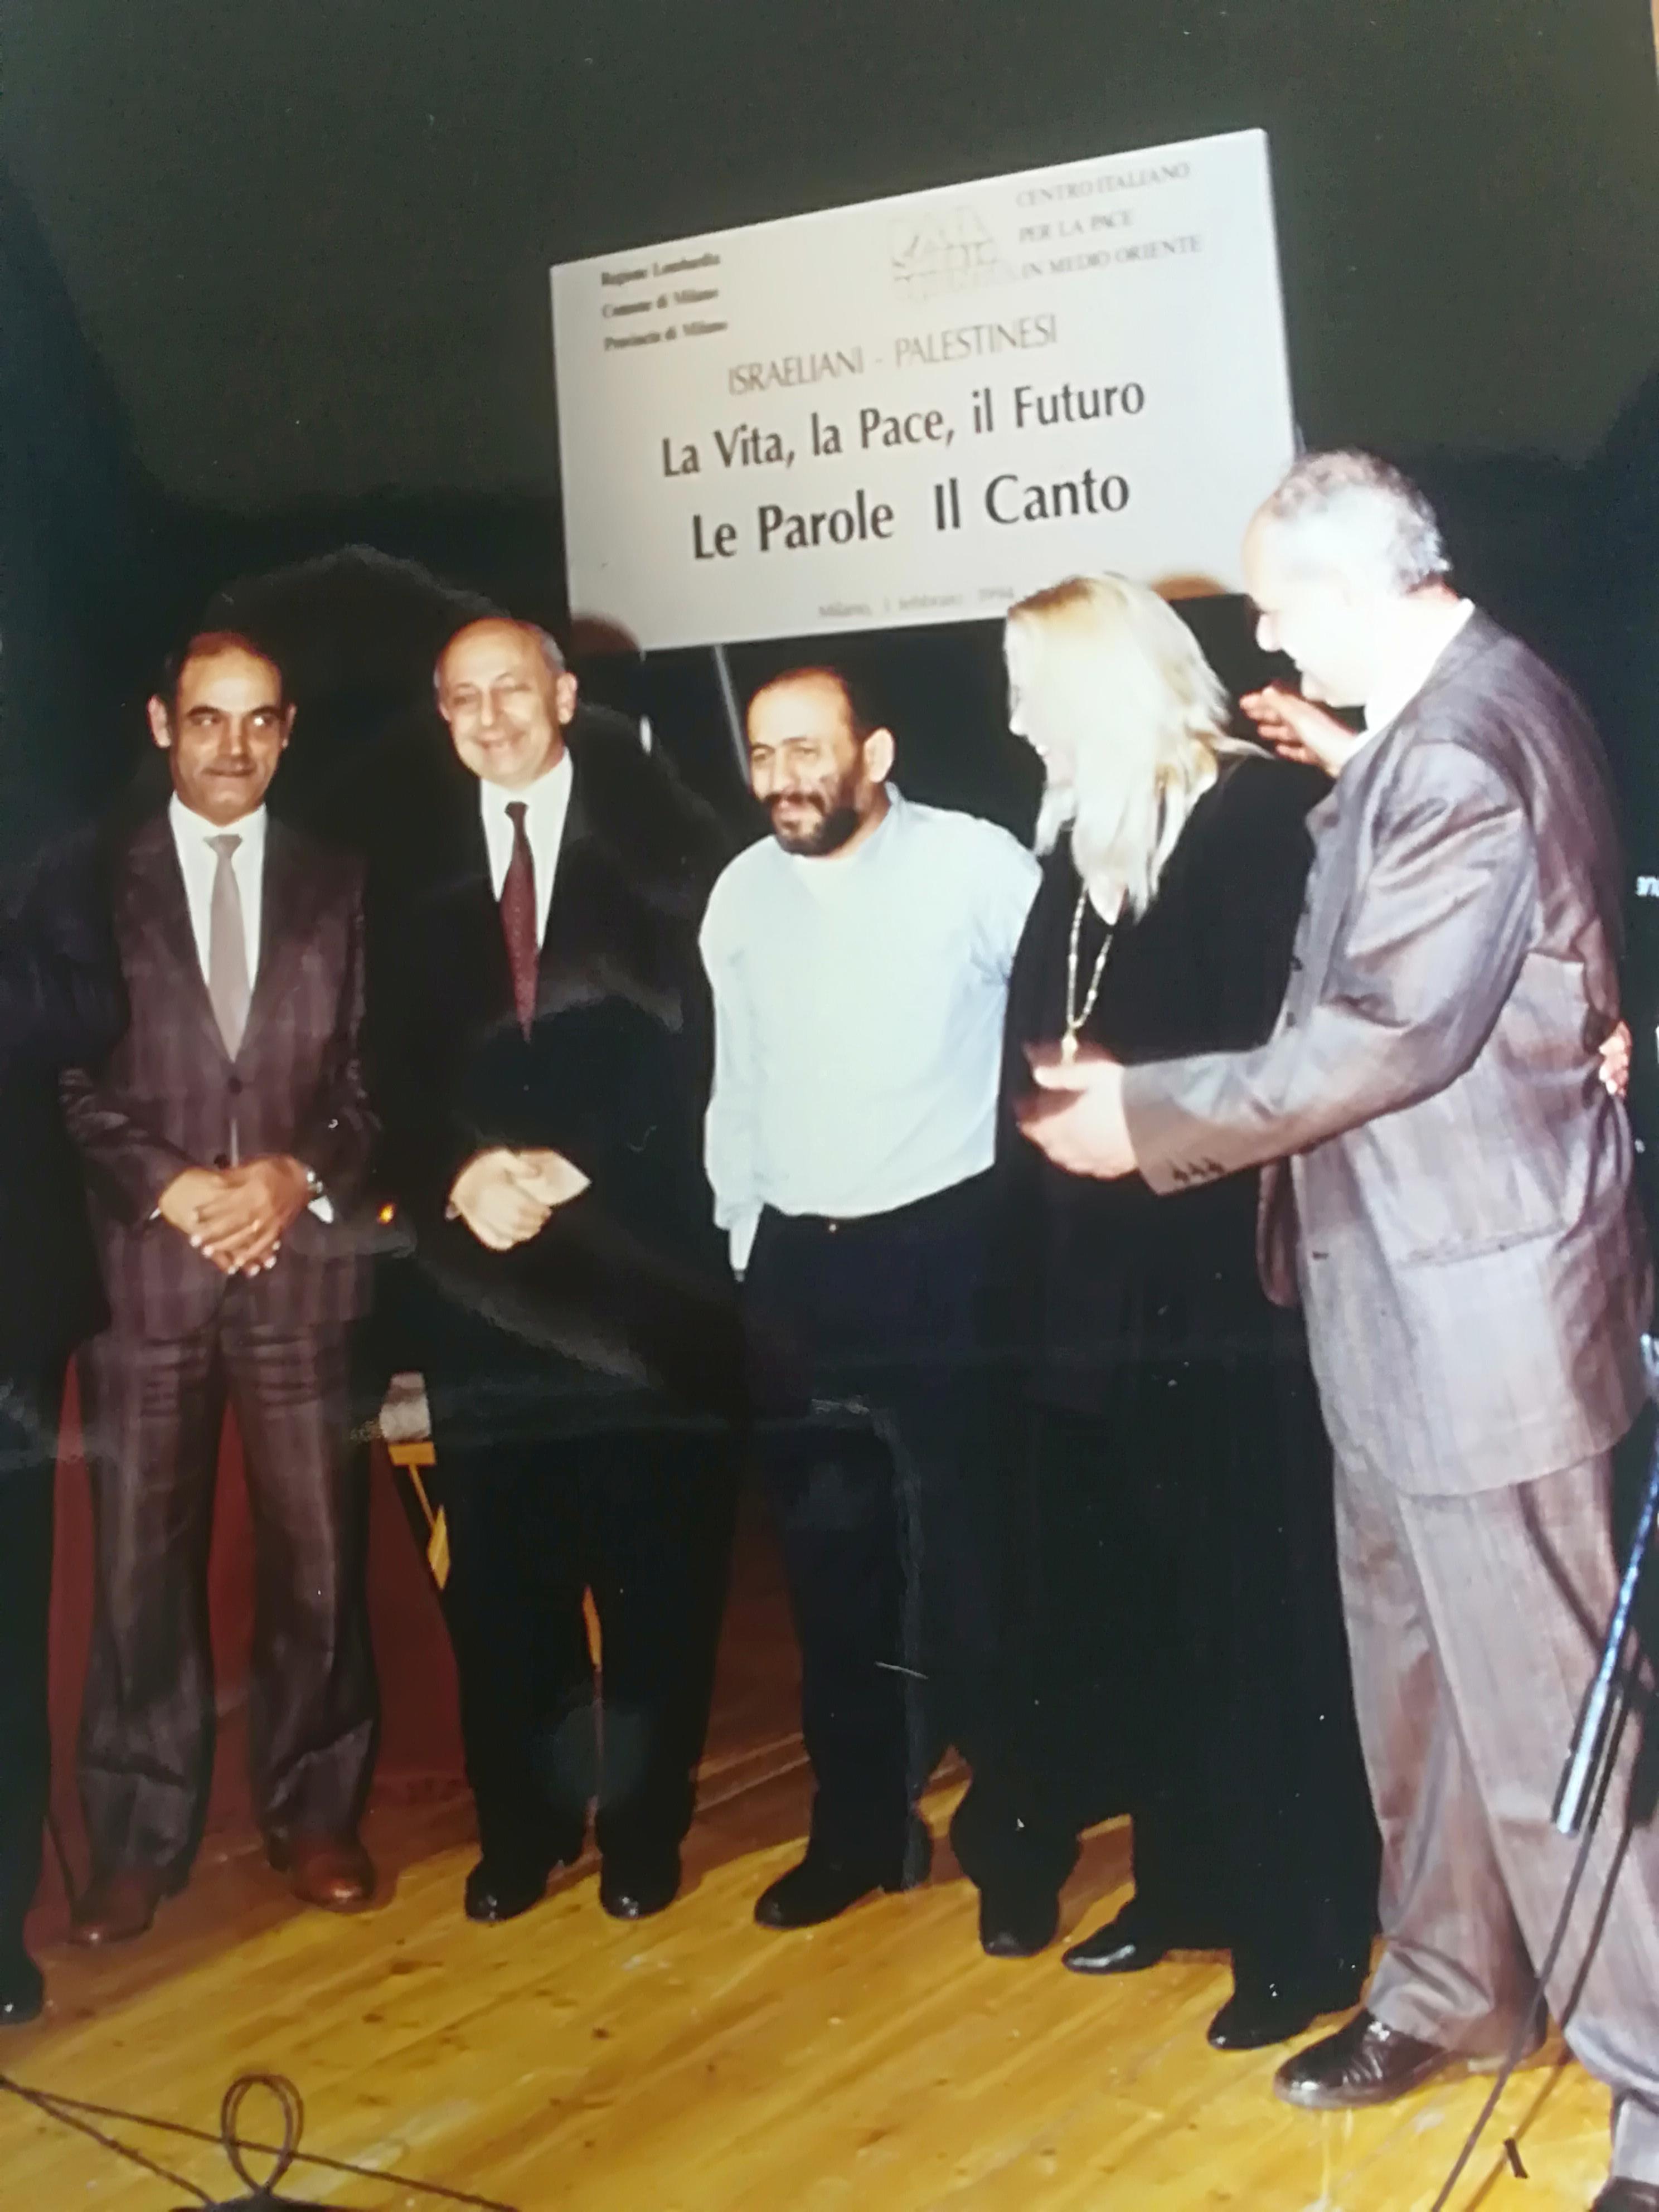 Israeliani-palestinesi. Le parole e il canto. febbraio 1994, Milano e Siena